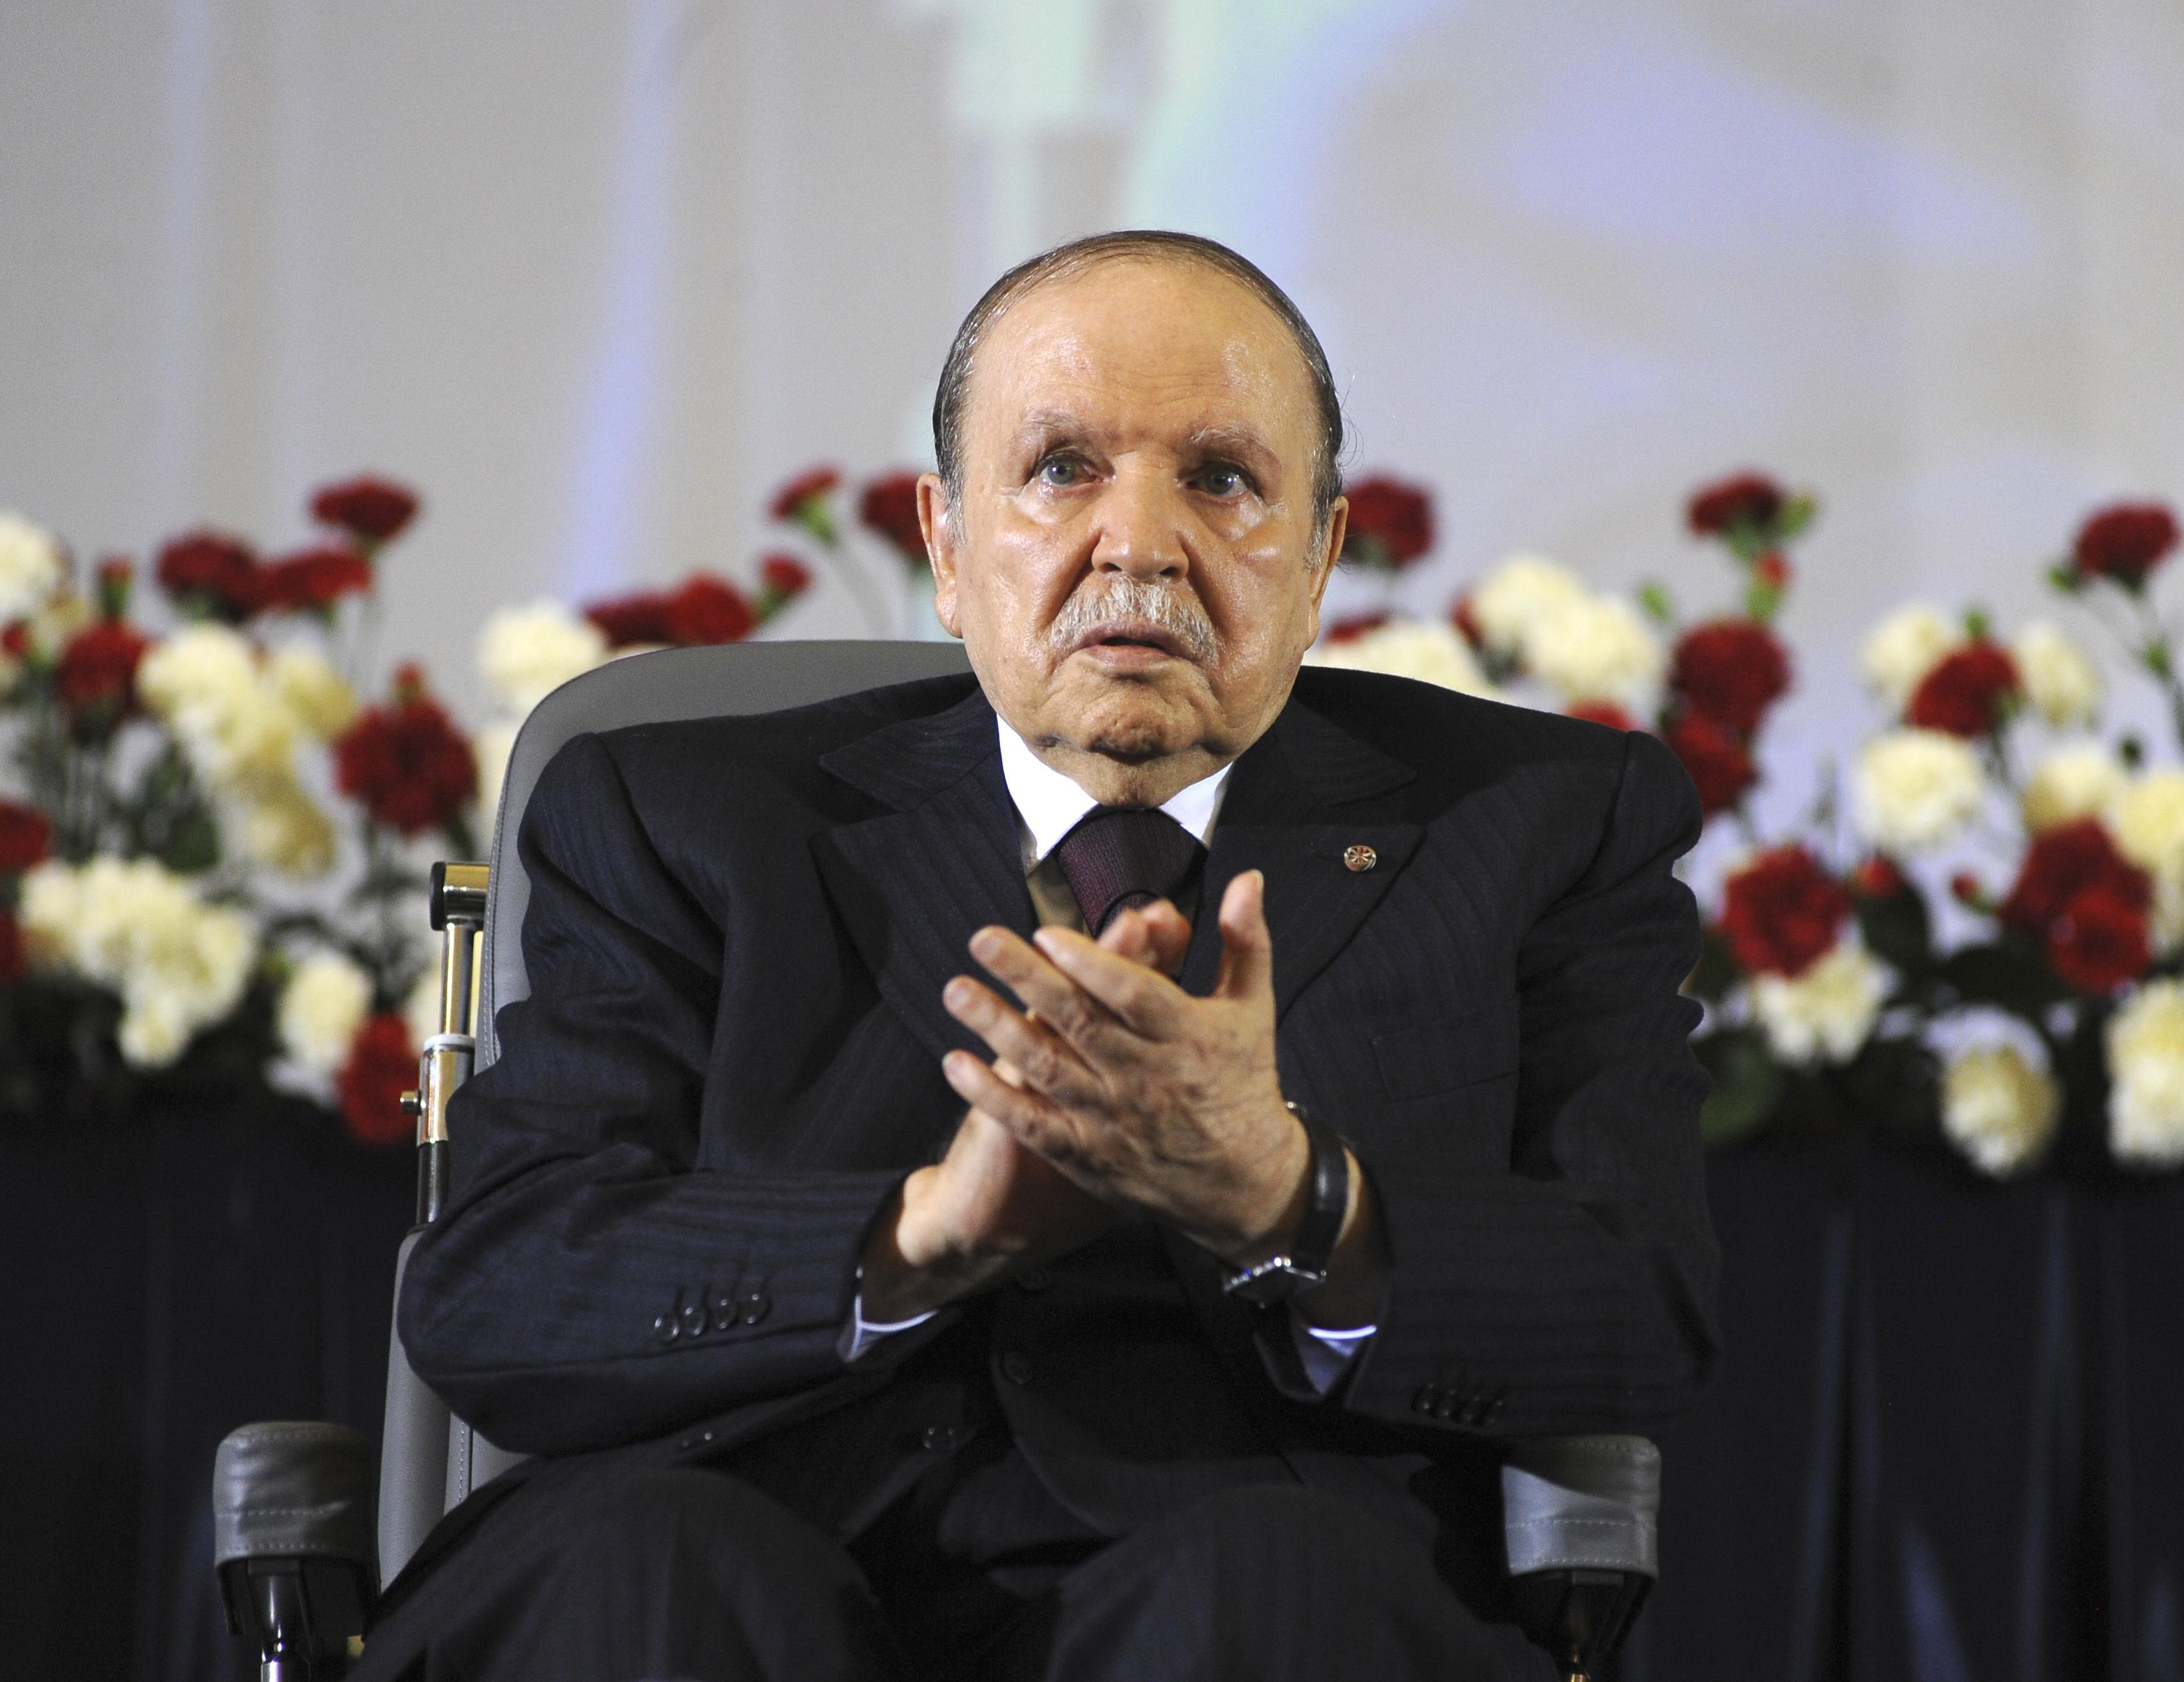 Meghalt Abdelaziz Bouteflika, aki két évtizedig volt Algéria elnöke